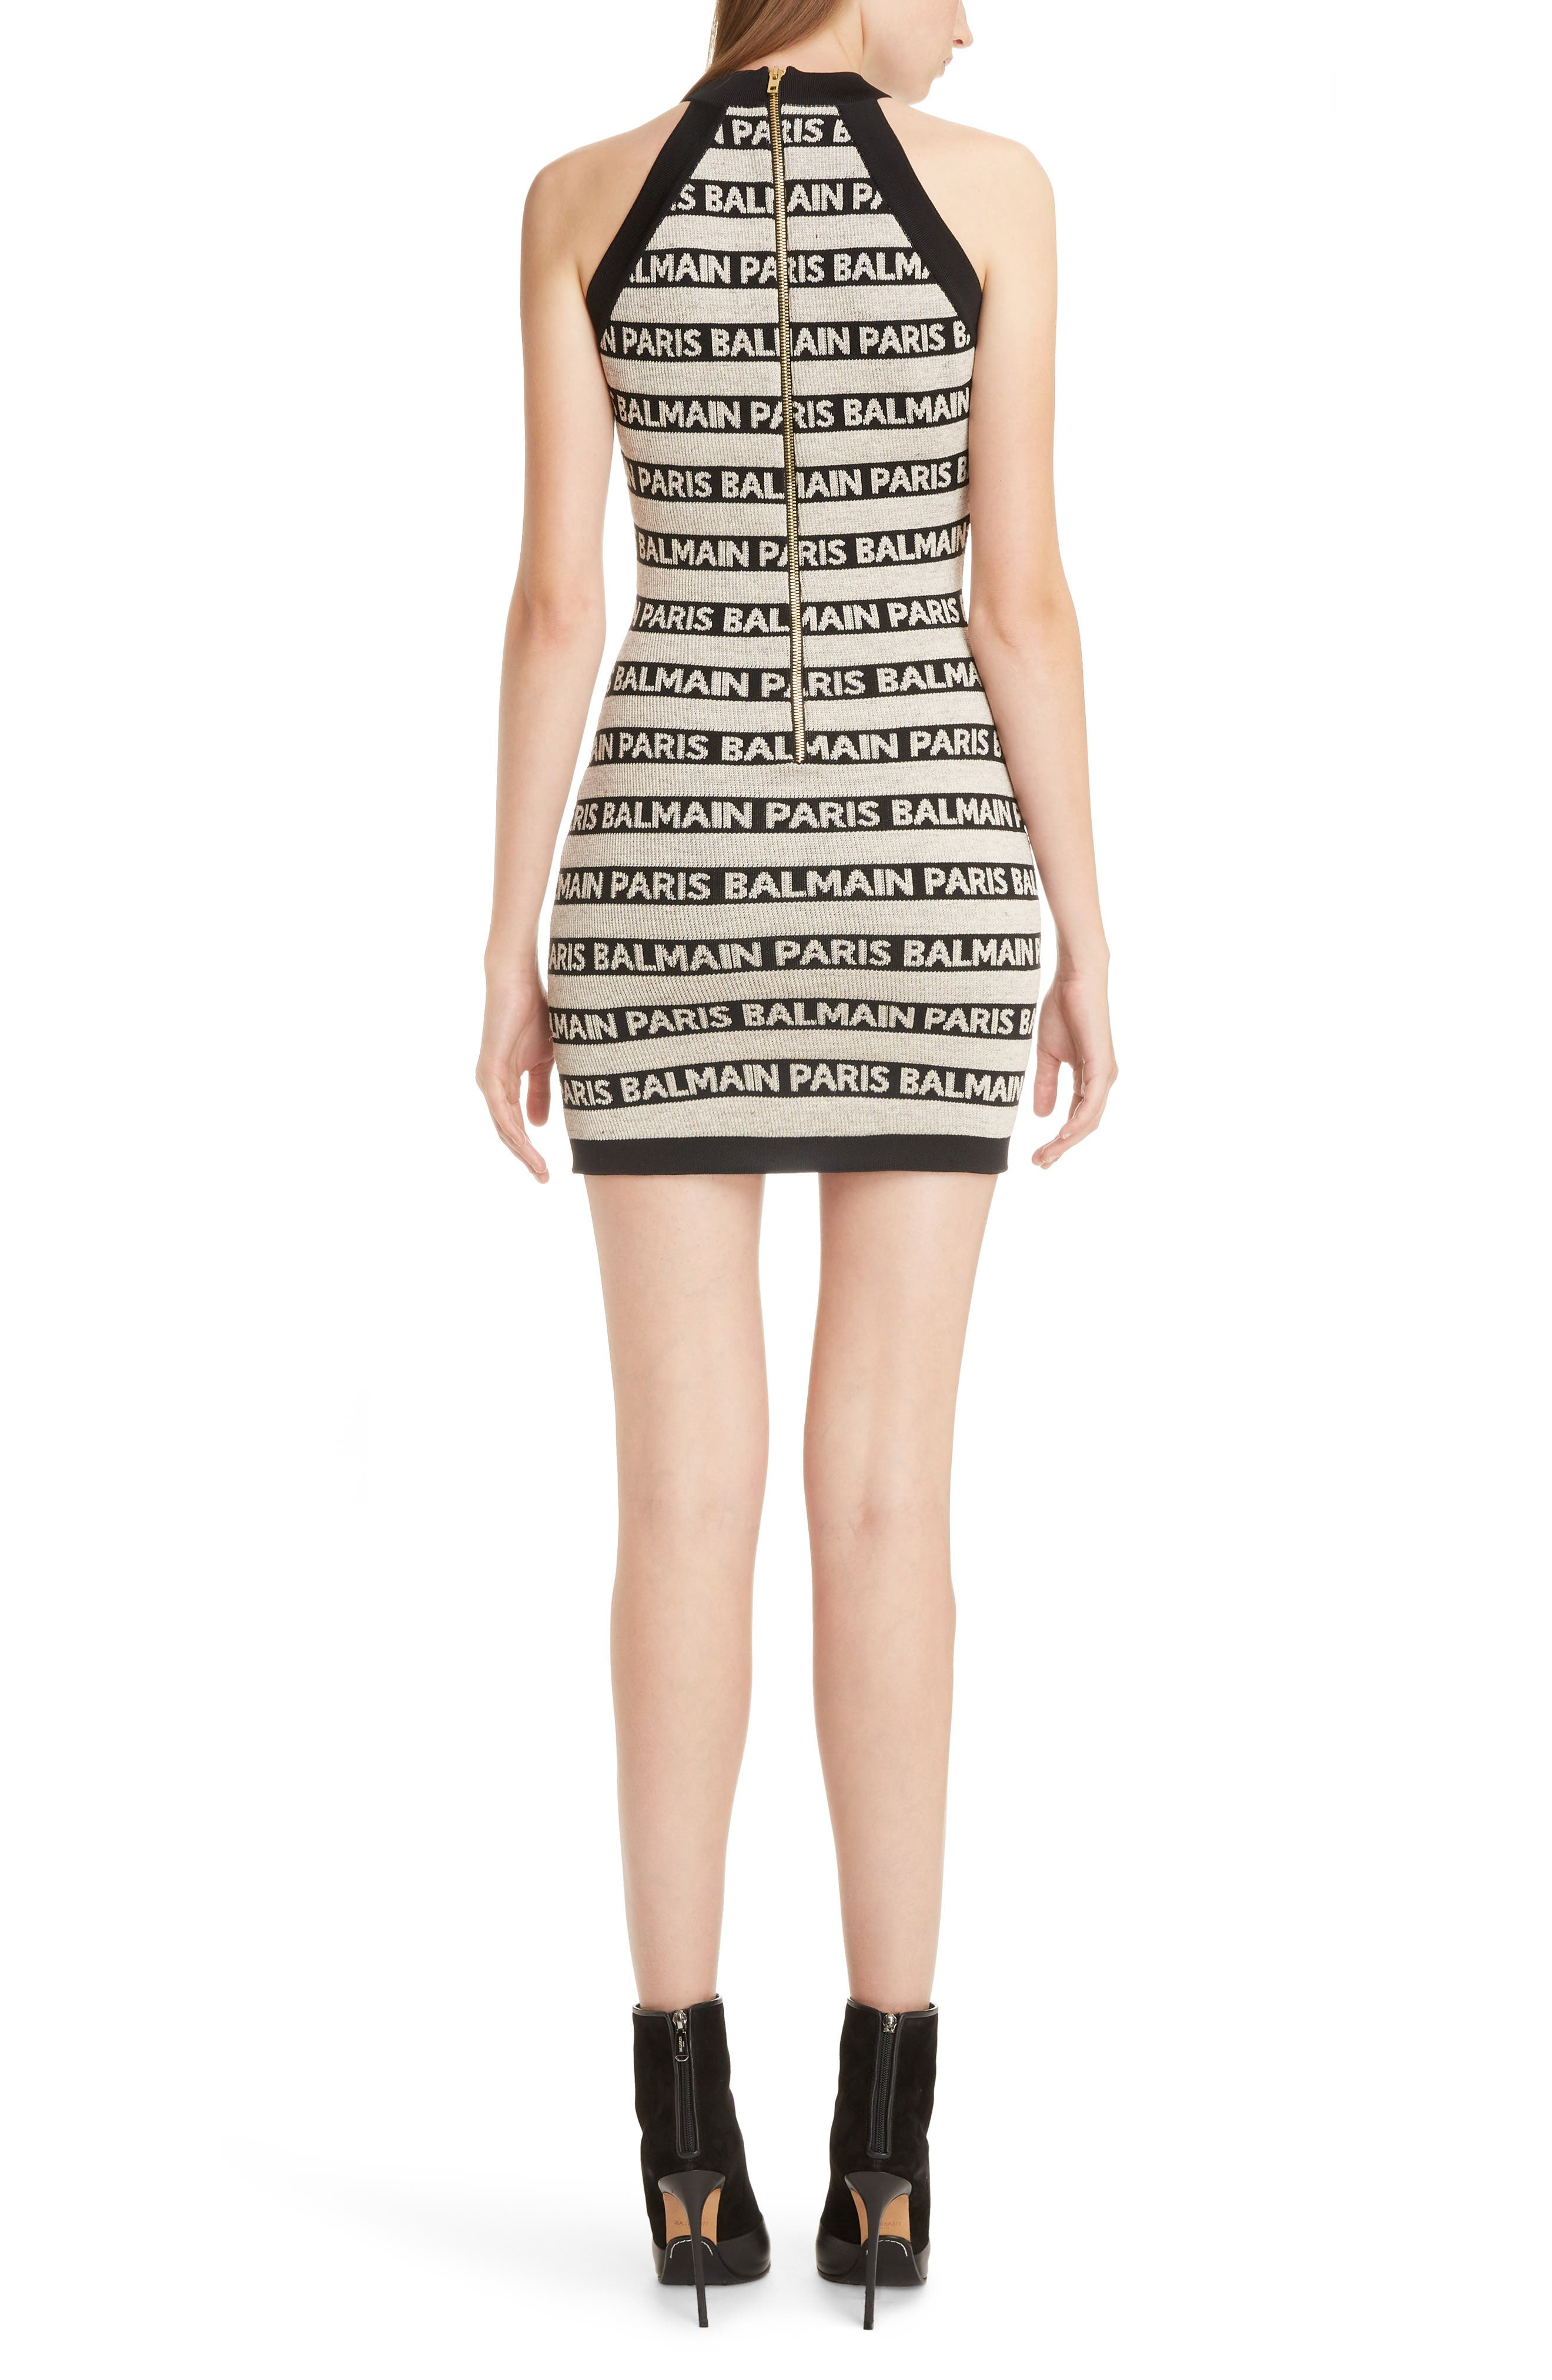 03979cdf1a1 Women s Balmain Dresses